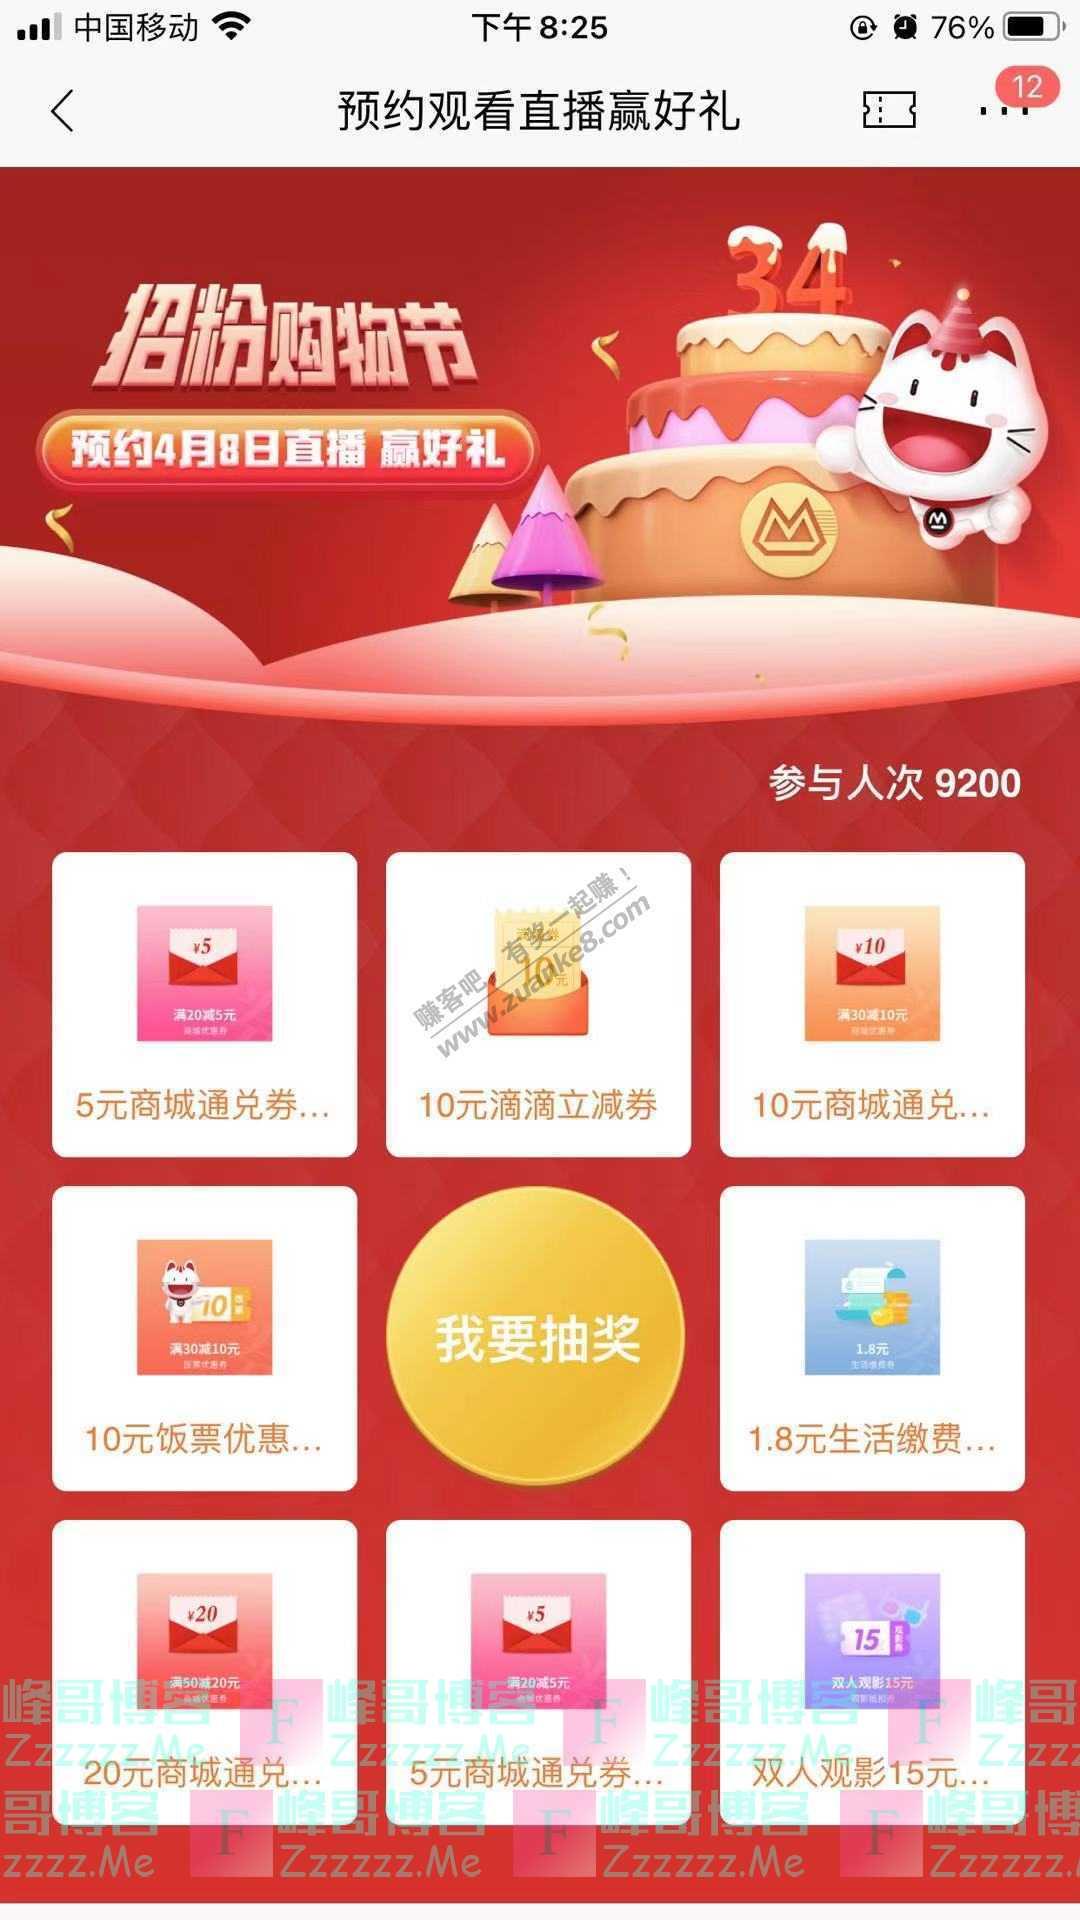 招商银行app预约观看直播赢好礼(截止4月8日)